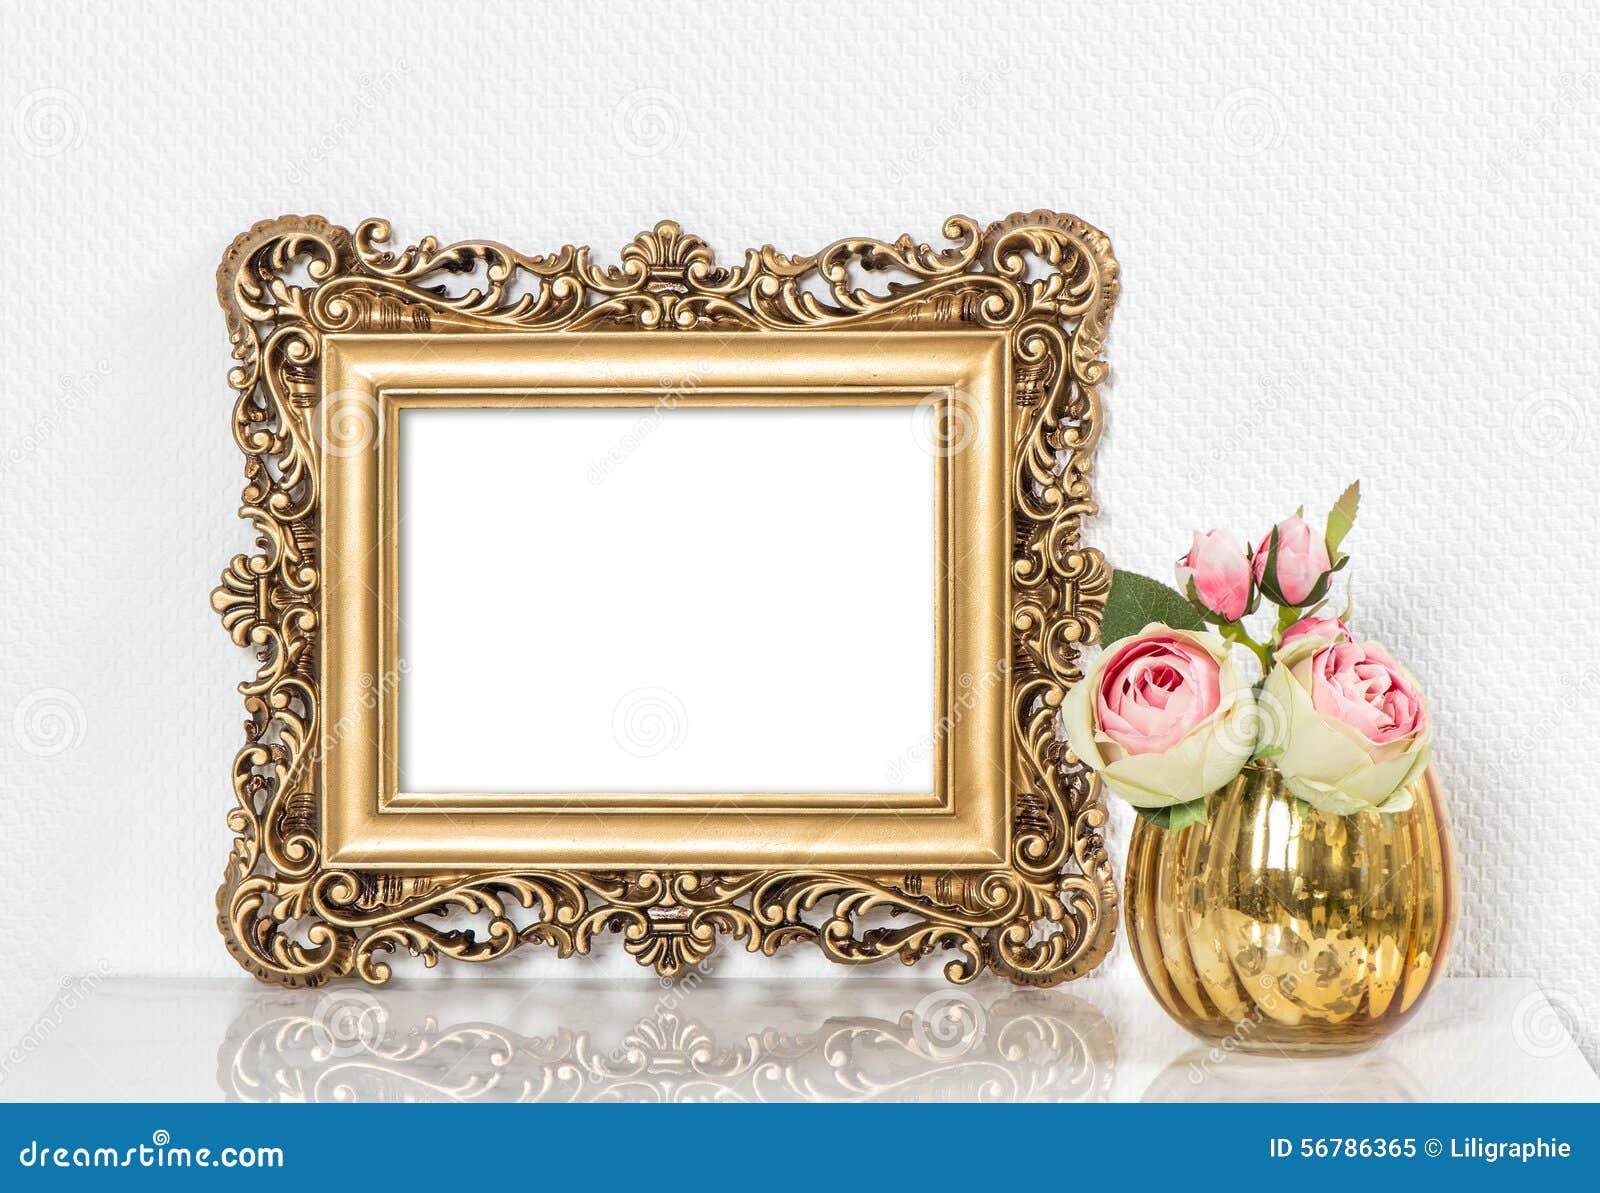 Bonito Rosa Marco De La Cama De Oro Imágenes - Ideas Personalizadas ...